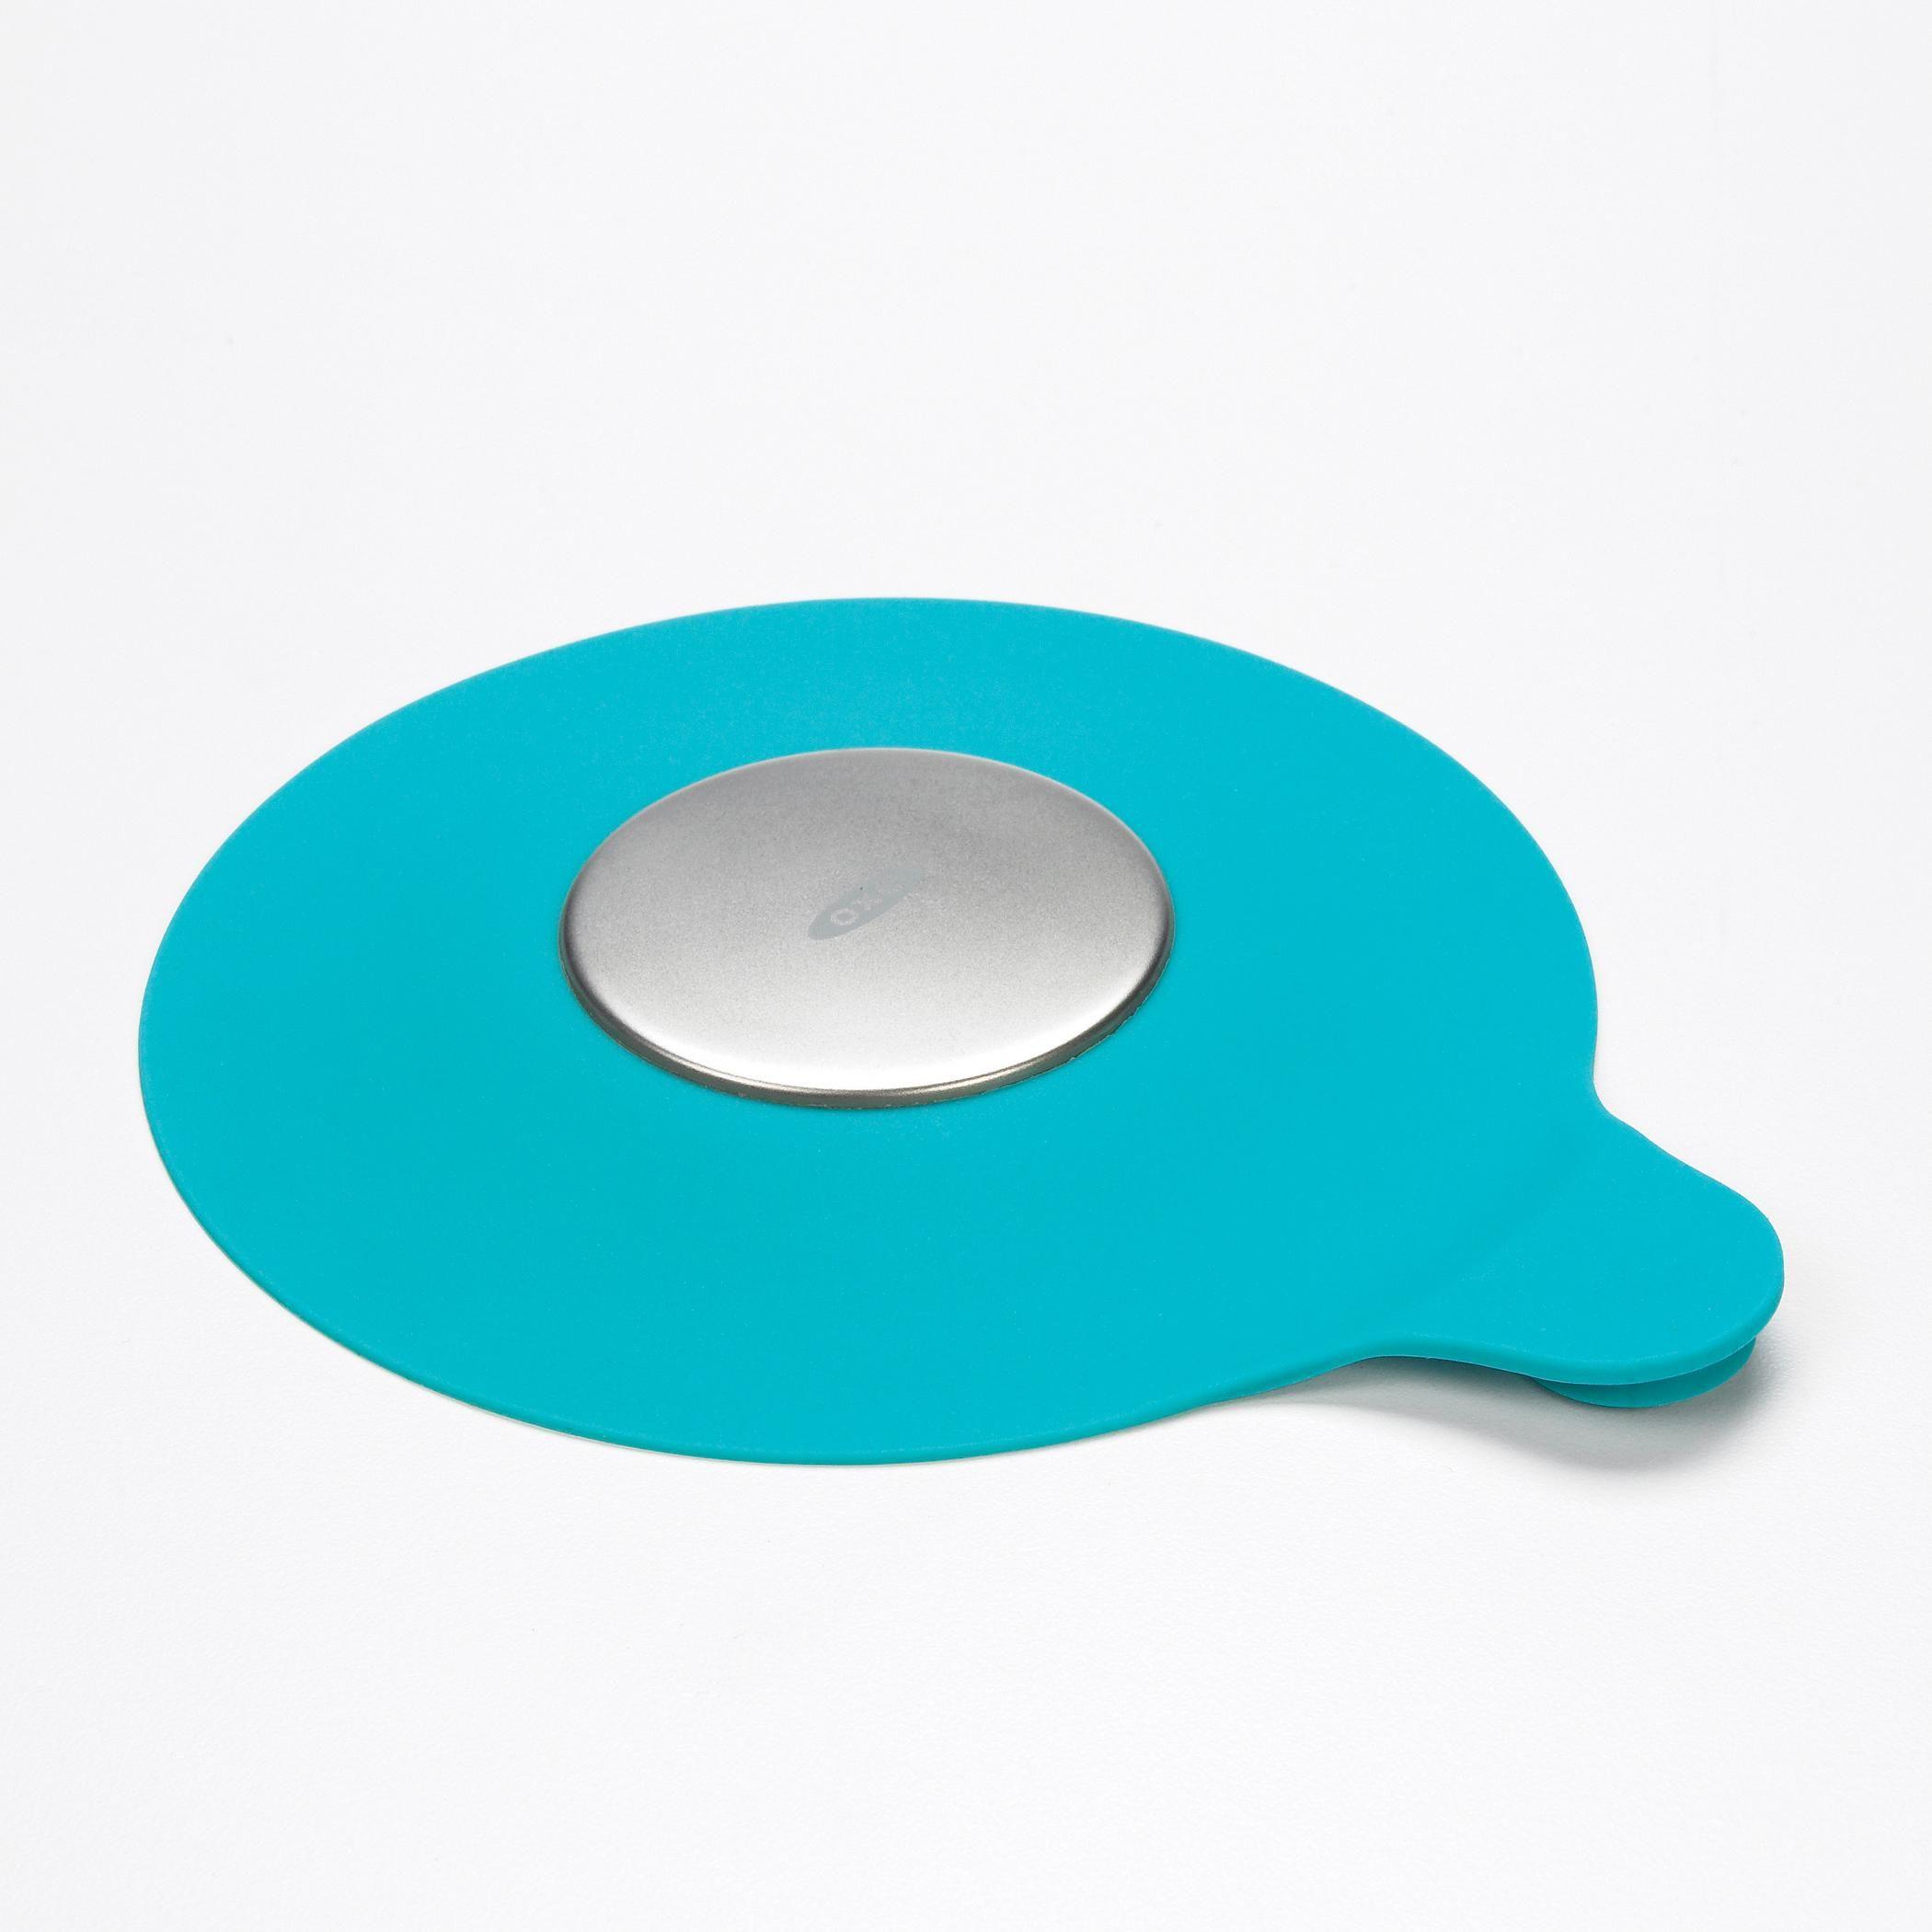 Amazon.com: OXO Tot Silicone Tub Drain Stopper- Aqua: Baby | Self ...